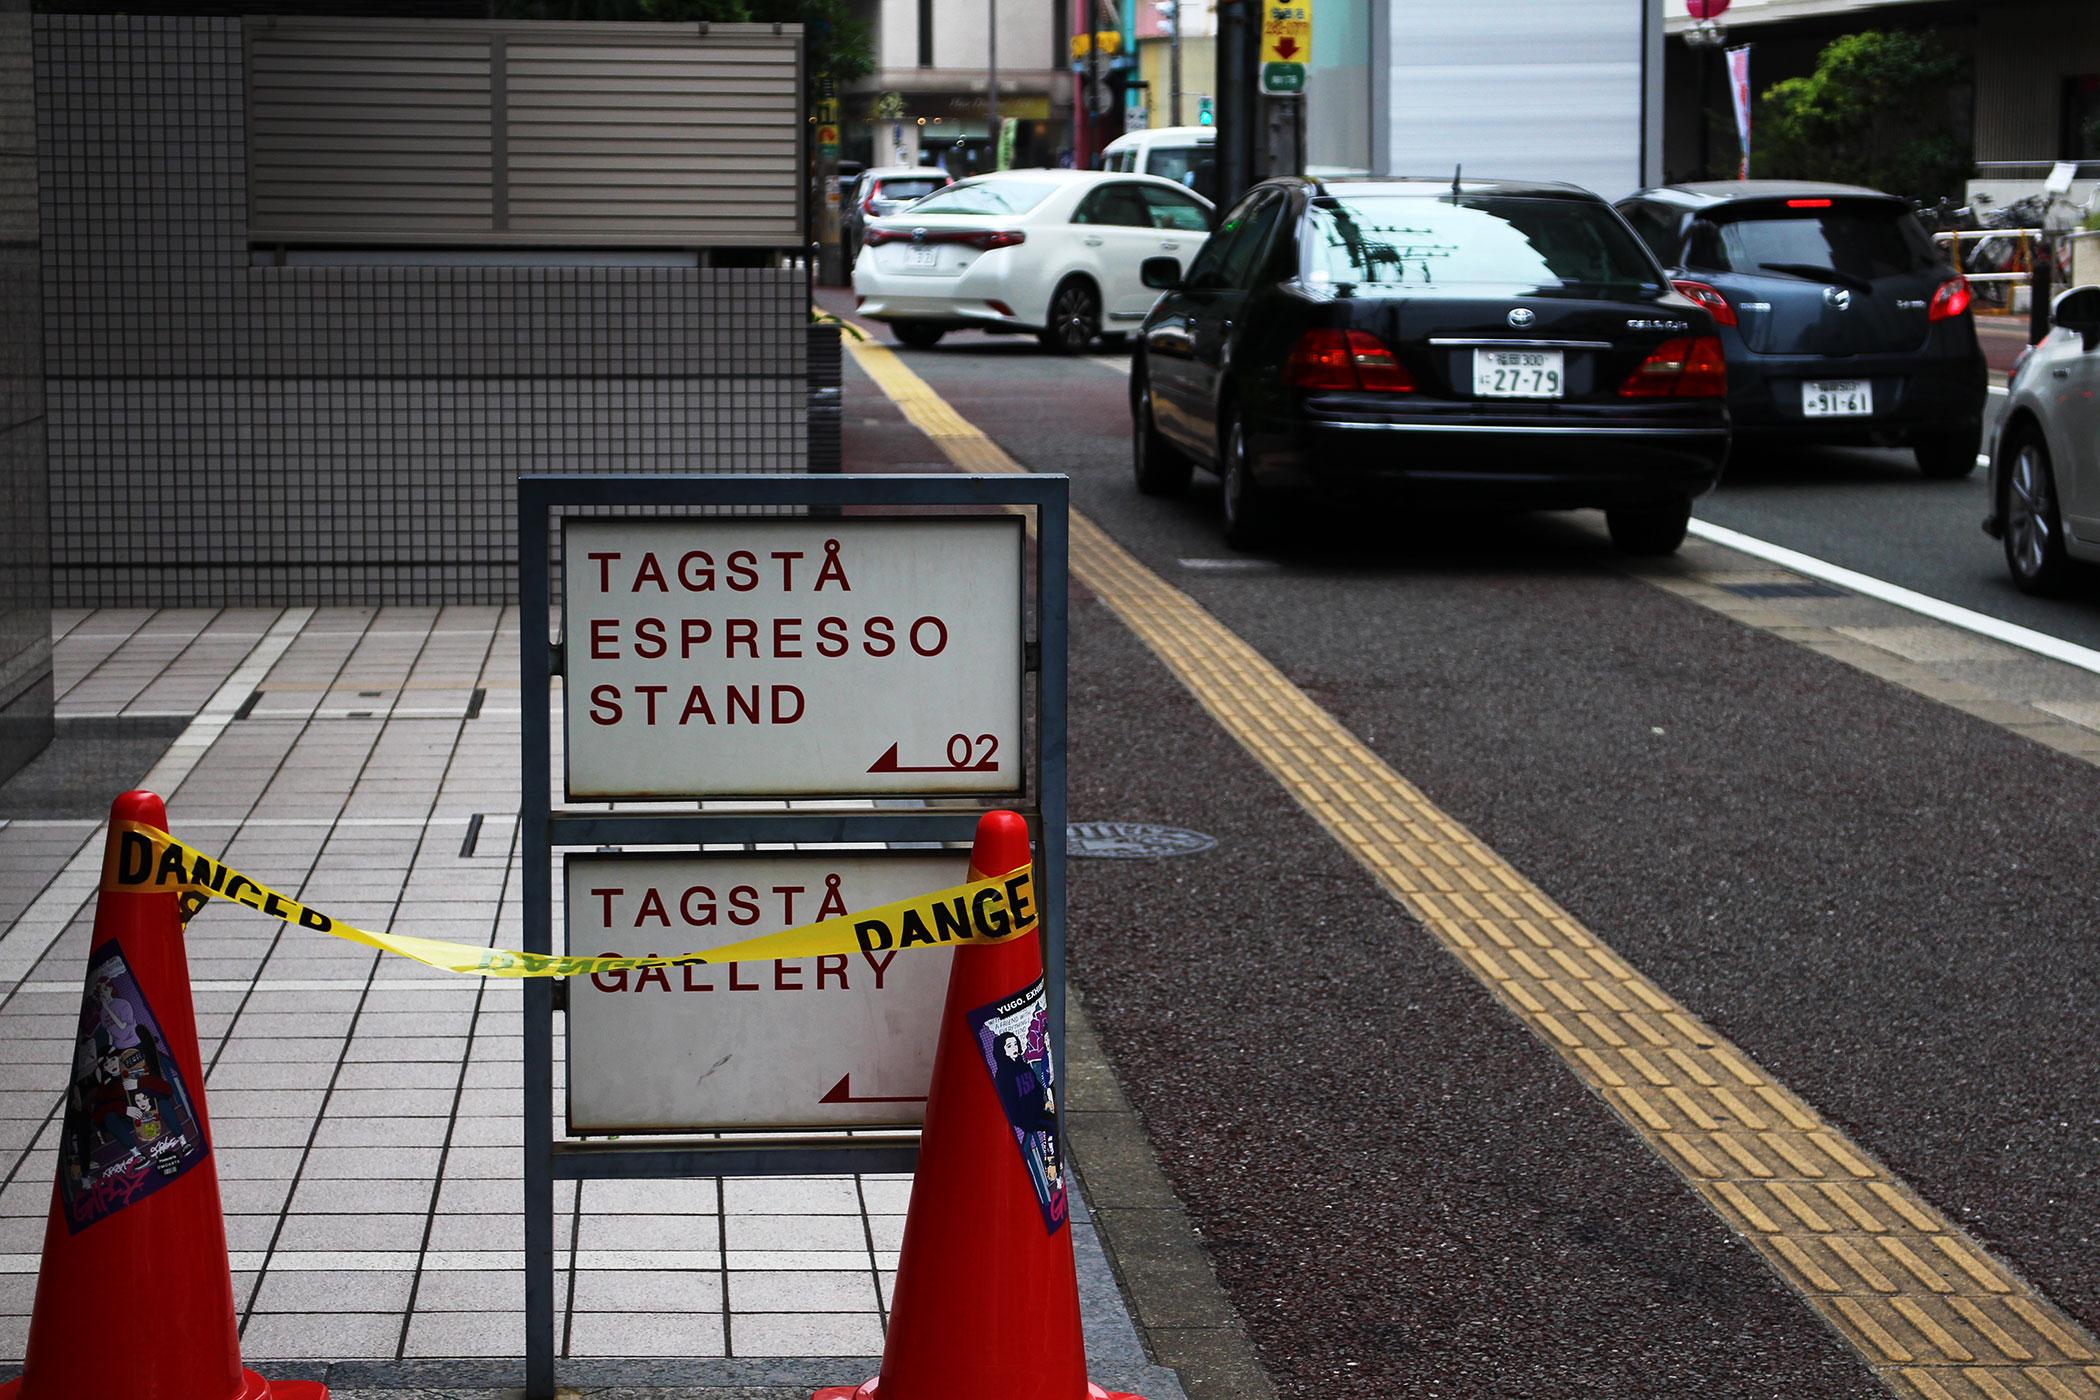 エスプレッソスタンド TAG STA タグスタ 福岡